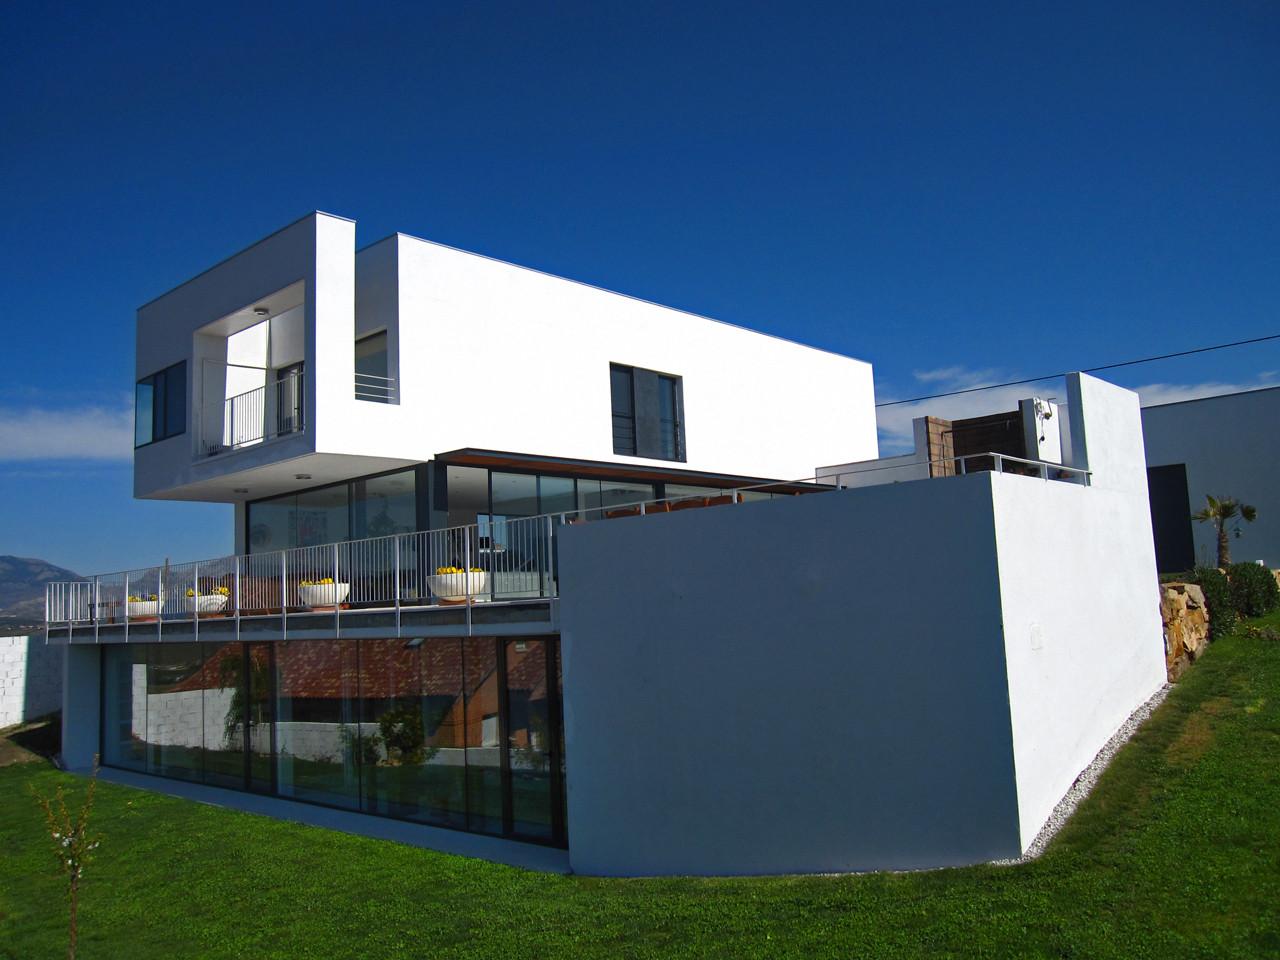 Casa Ramas Fh2l Arquitectos Plataforma Arquitectura